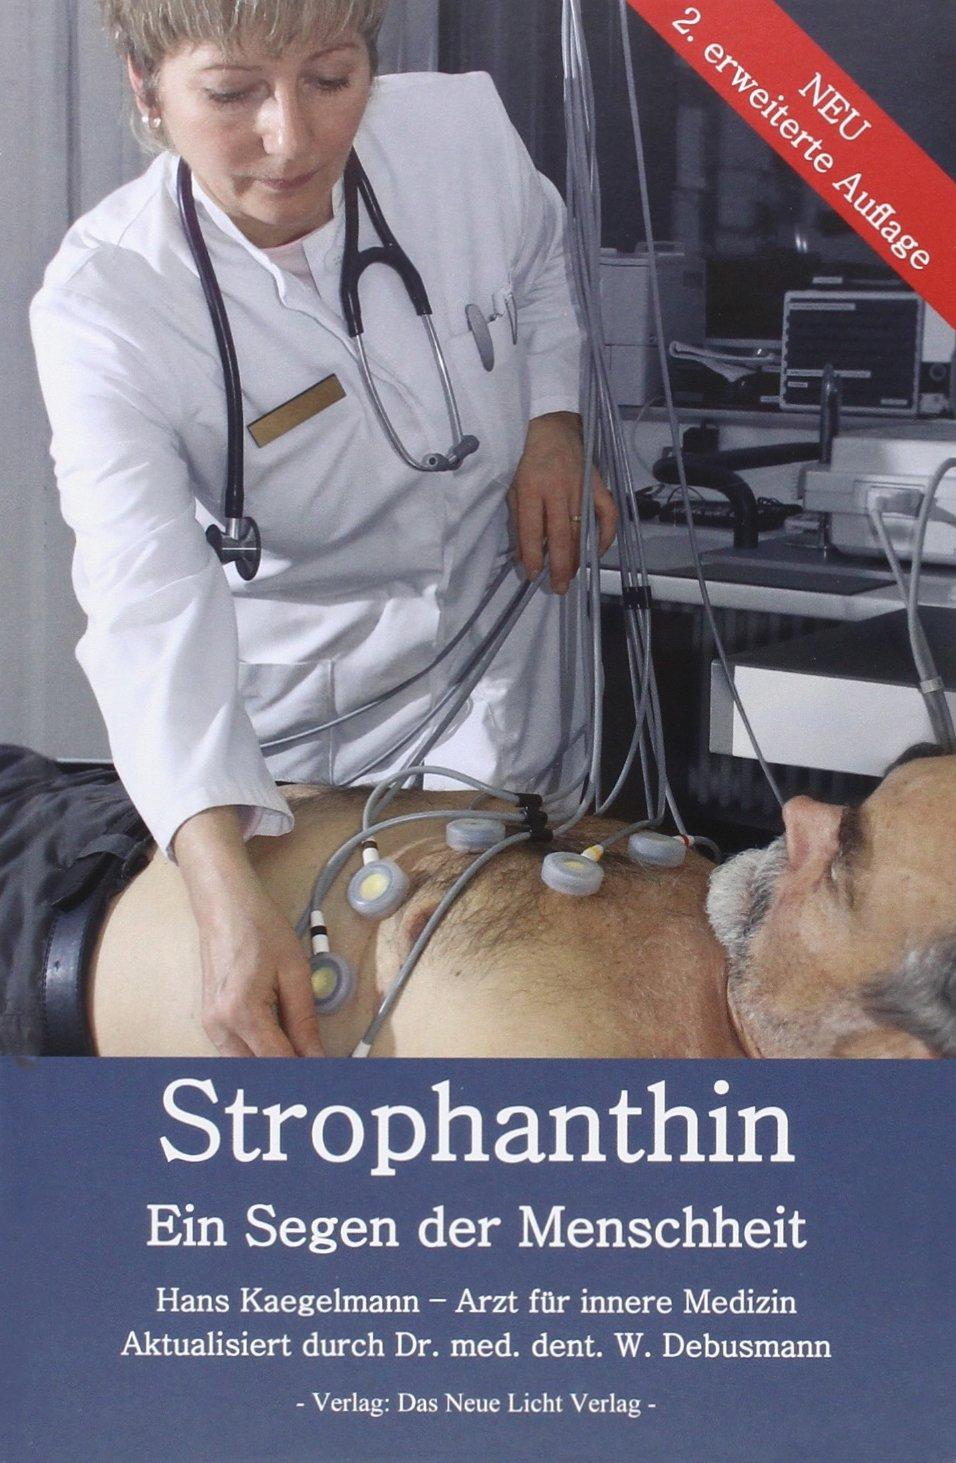 Strophanthin: Ein Segen der Menschheit